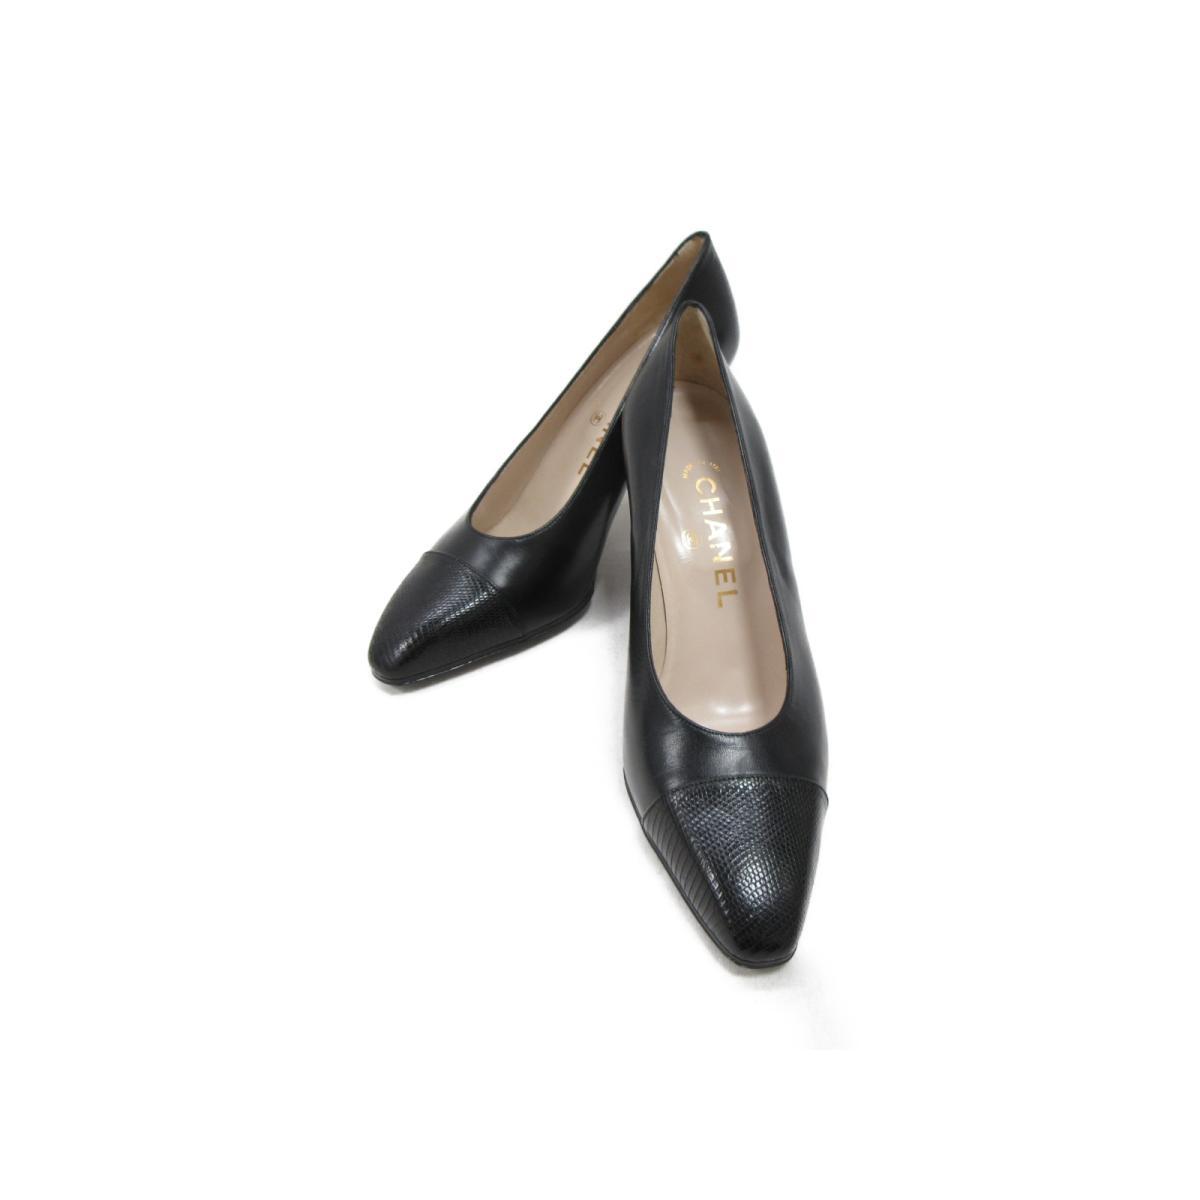 【中古】 シャネル パンプス レディース レザー ブラック | CHANEL くつ 靴 パンプス 美品 ブランドオフ